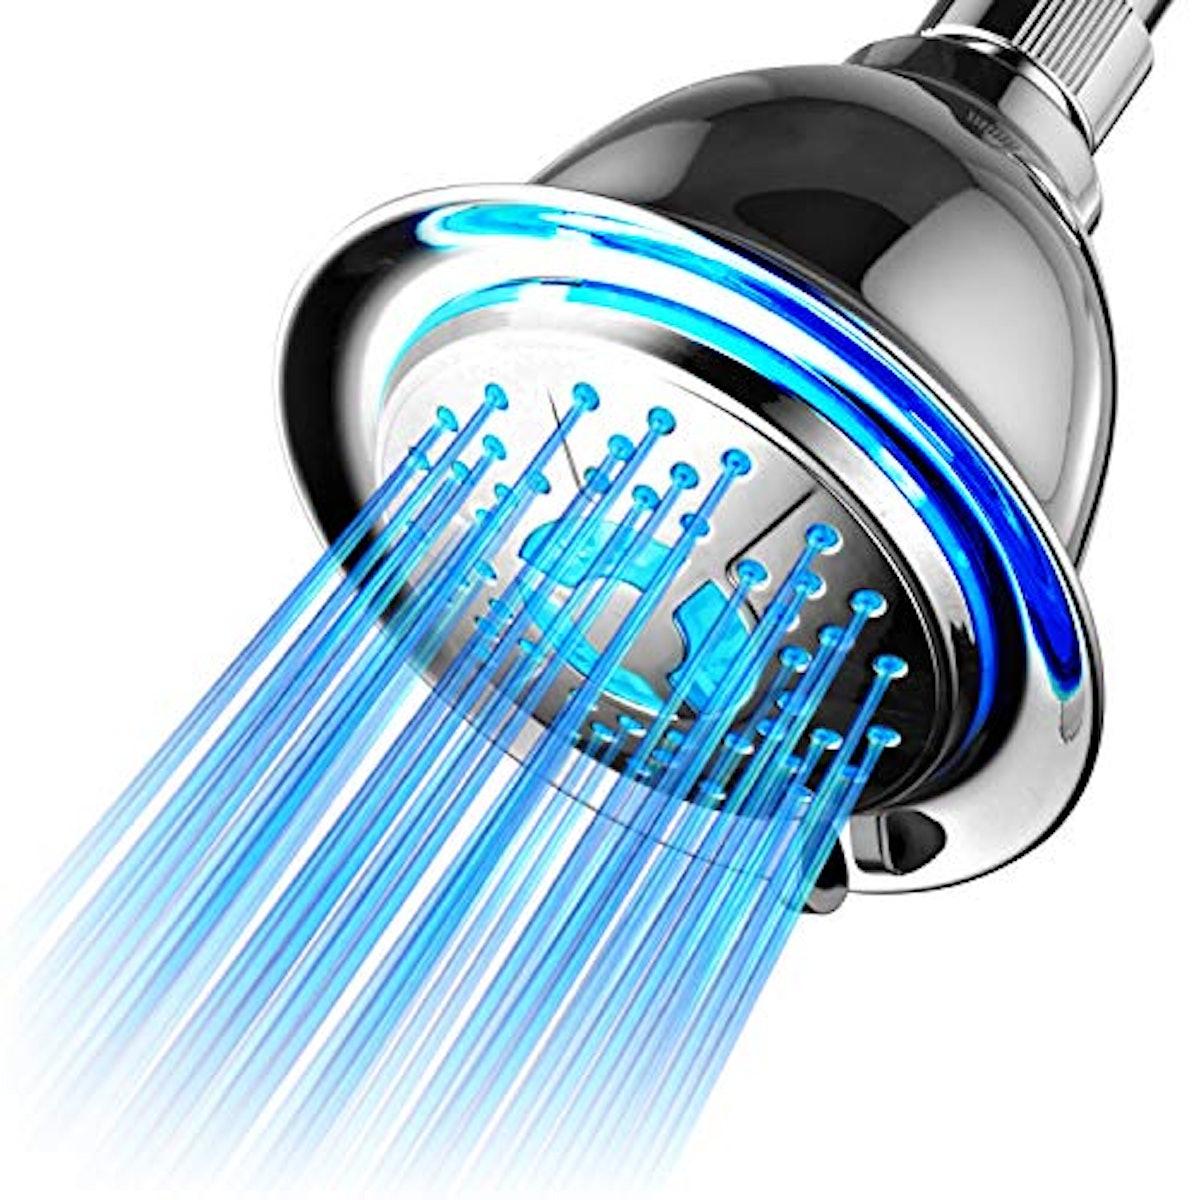 PowerSpa All Chrome 4-Setting LED Shower Head